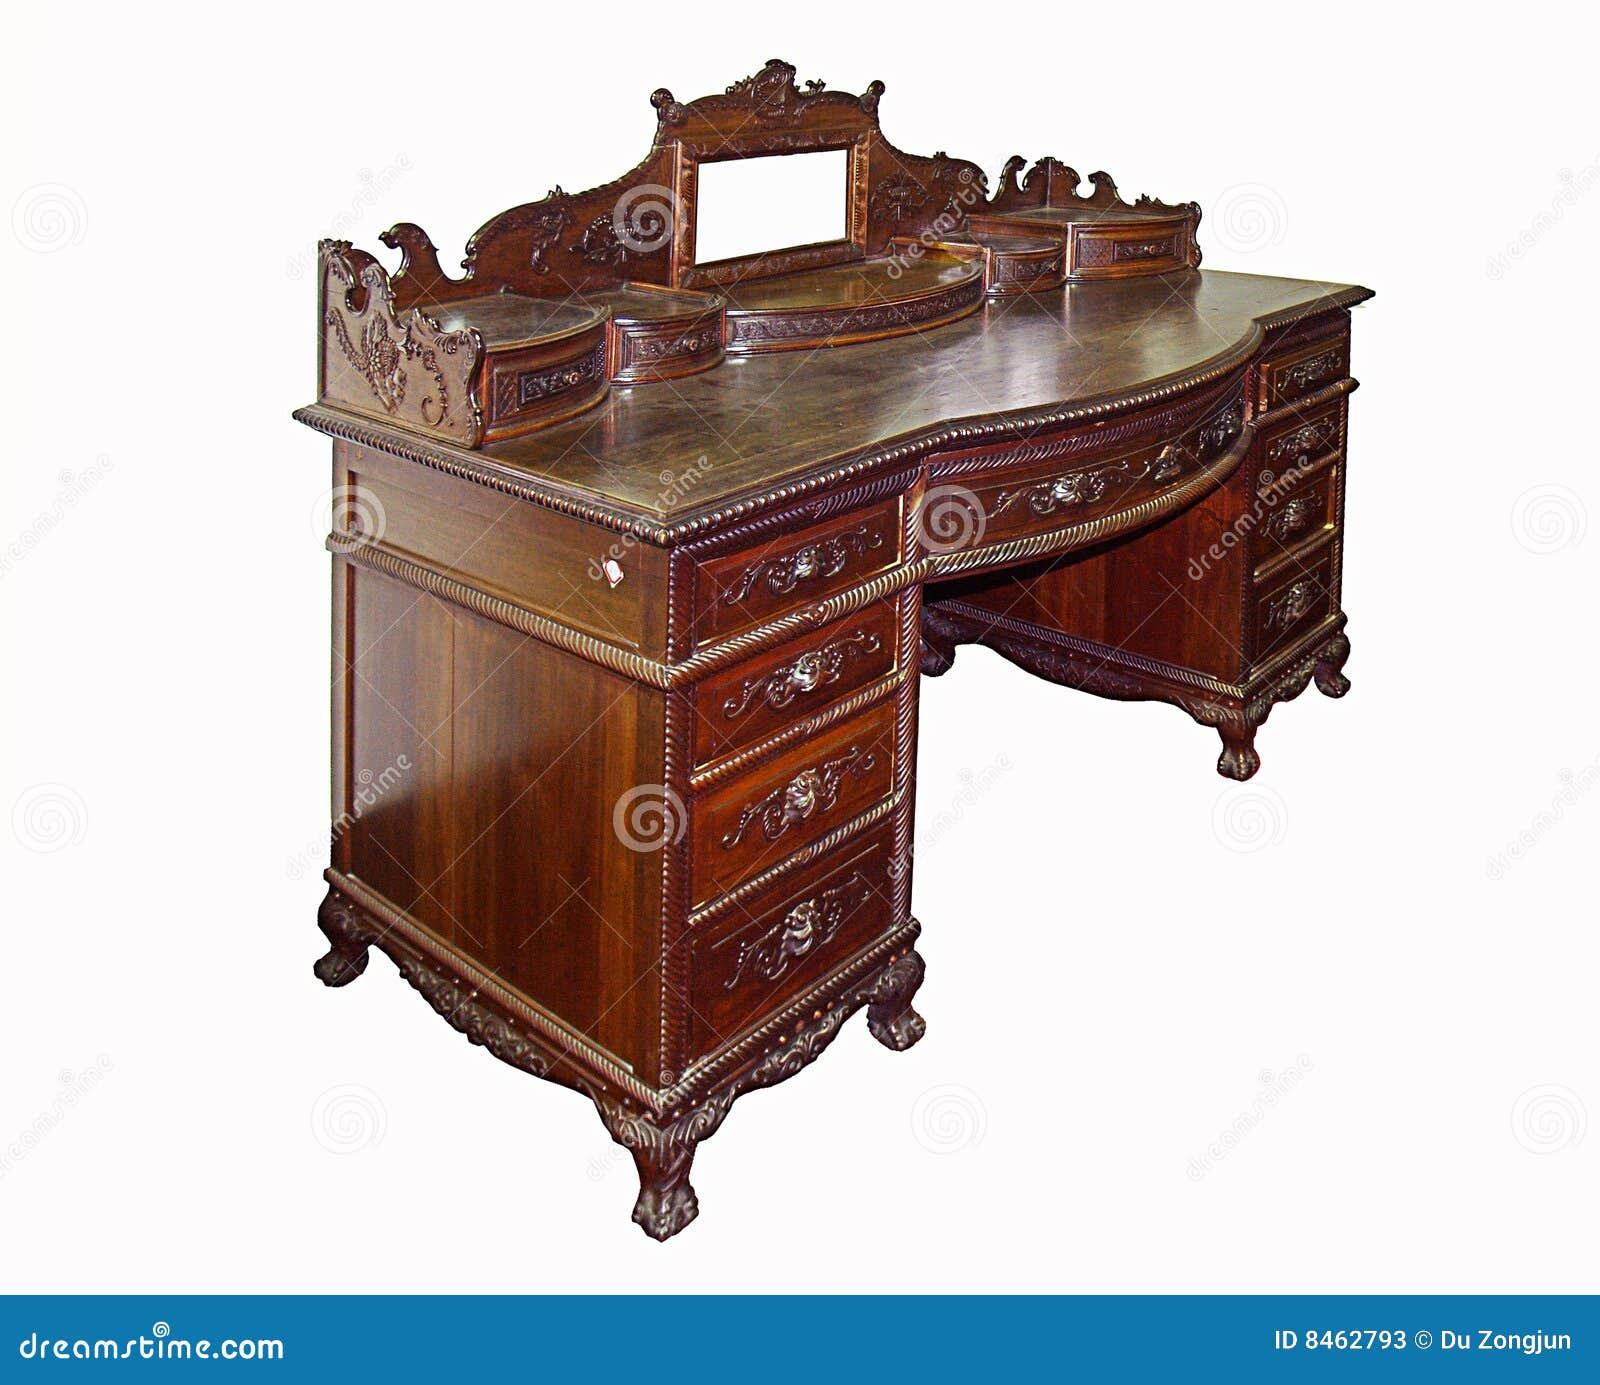 Muebles Antiguos Fotos de archivo - Imagen: 8462793